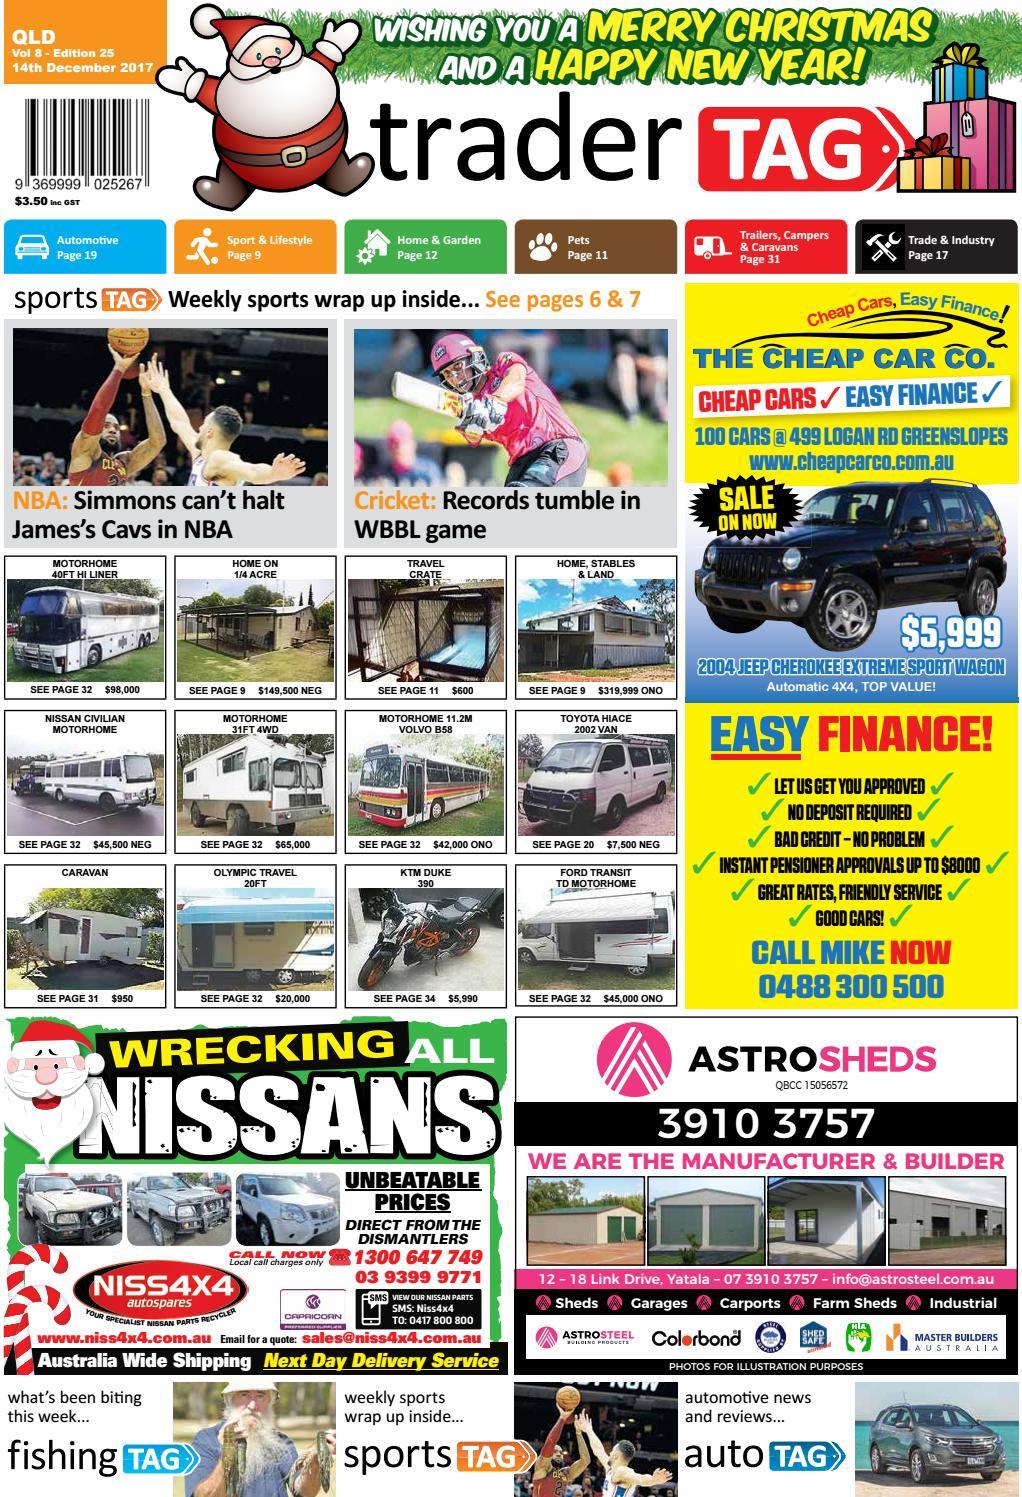 8aff75eb7dbb90 TraderTAG - Queensland - Edition 25 - 2017 by TraderTAG Design - issuu